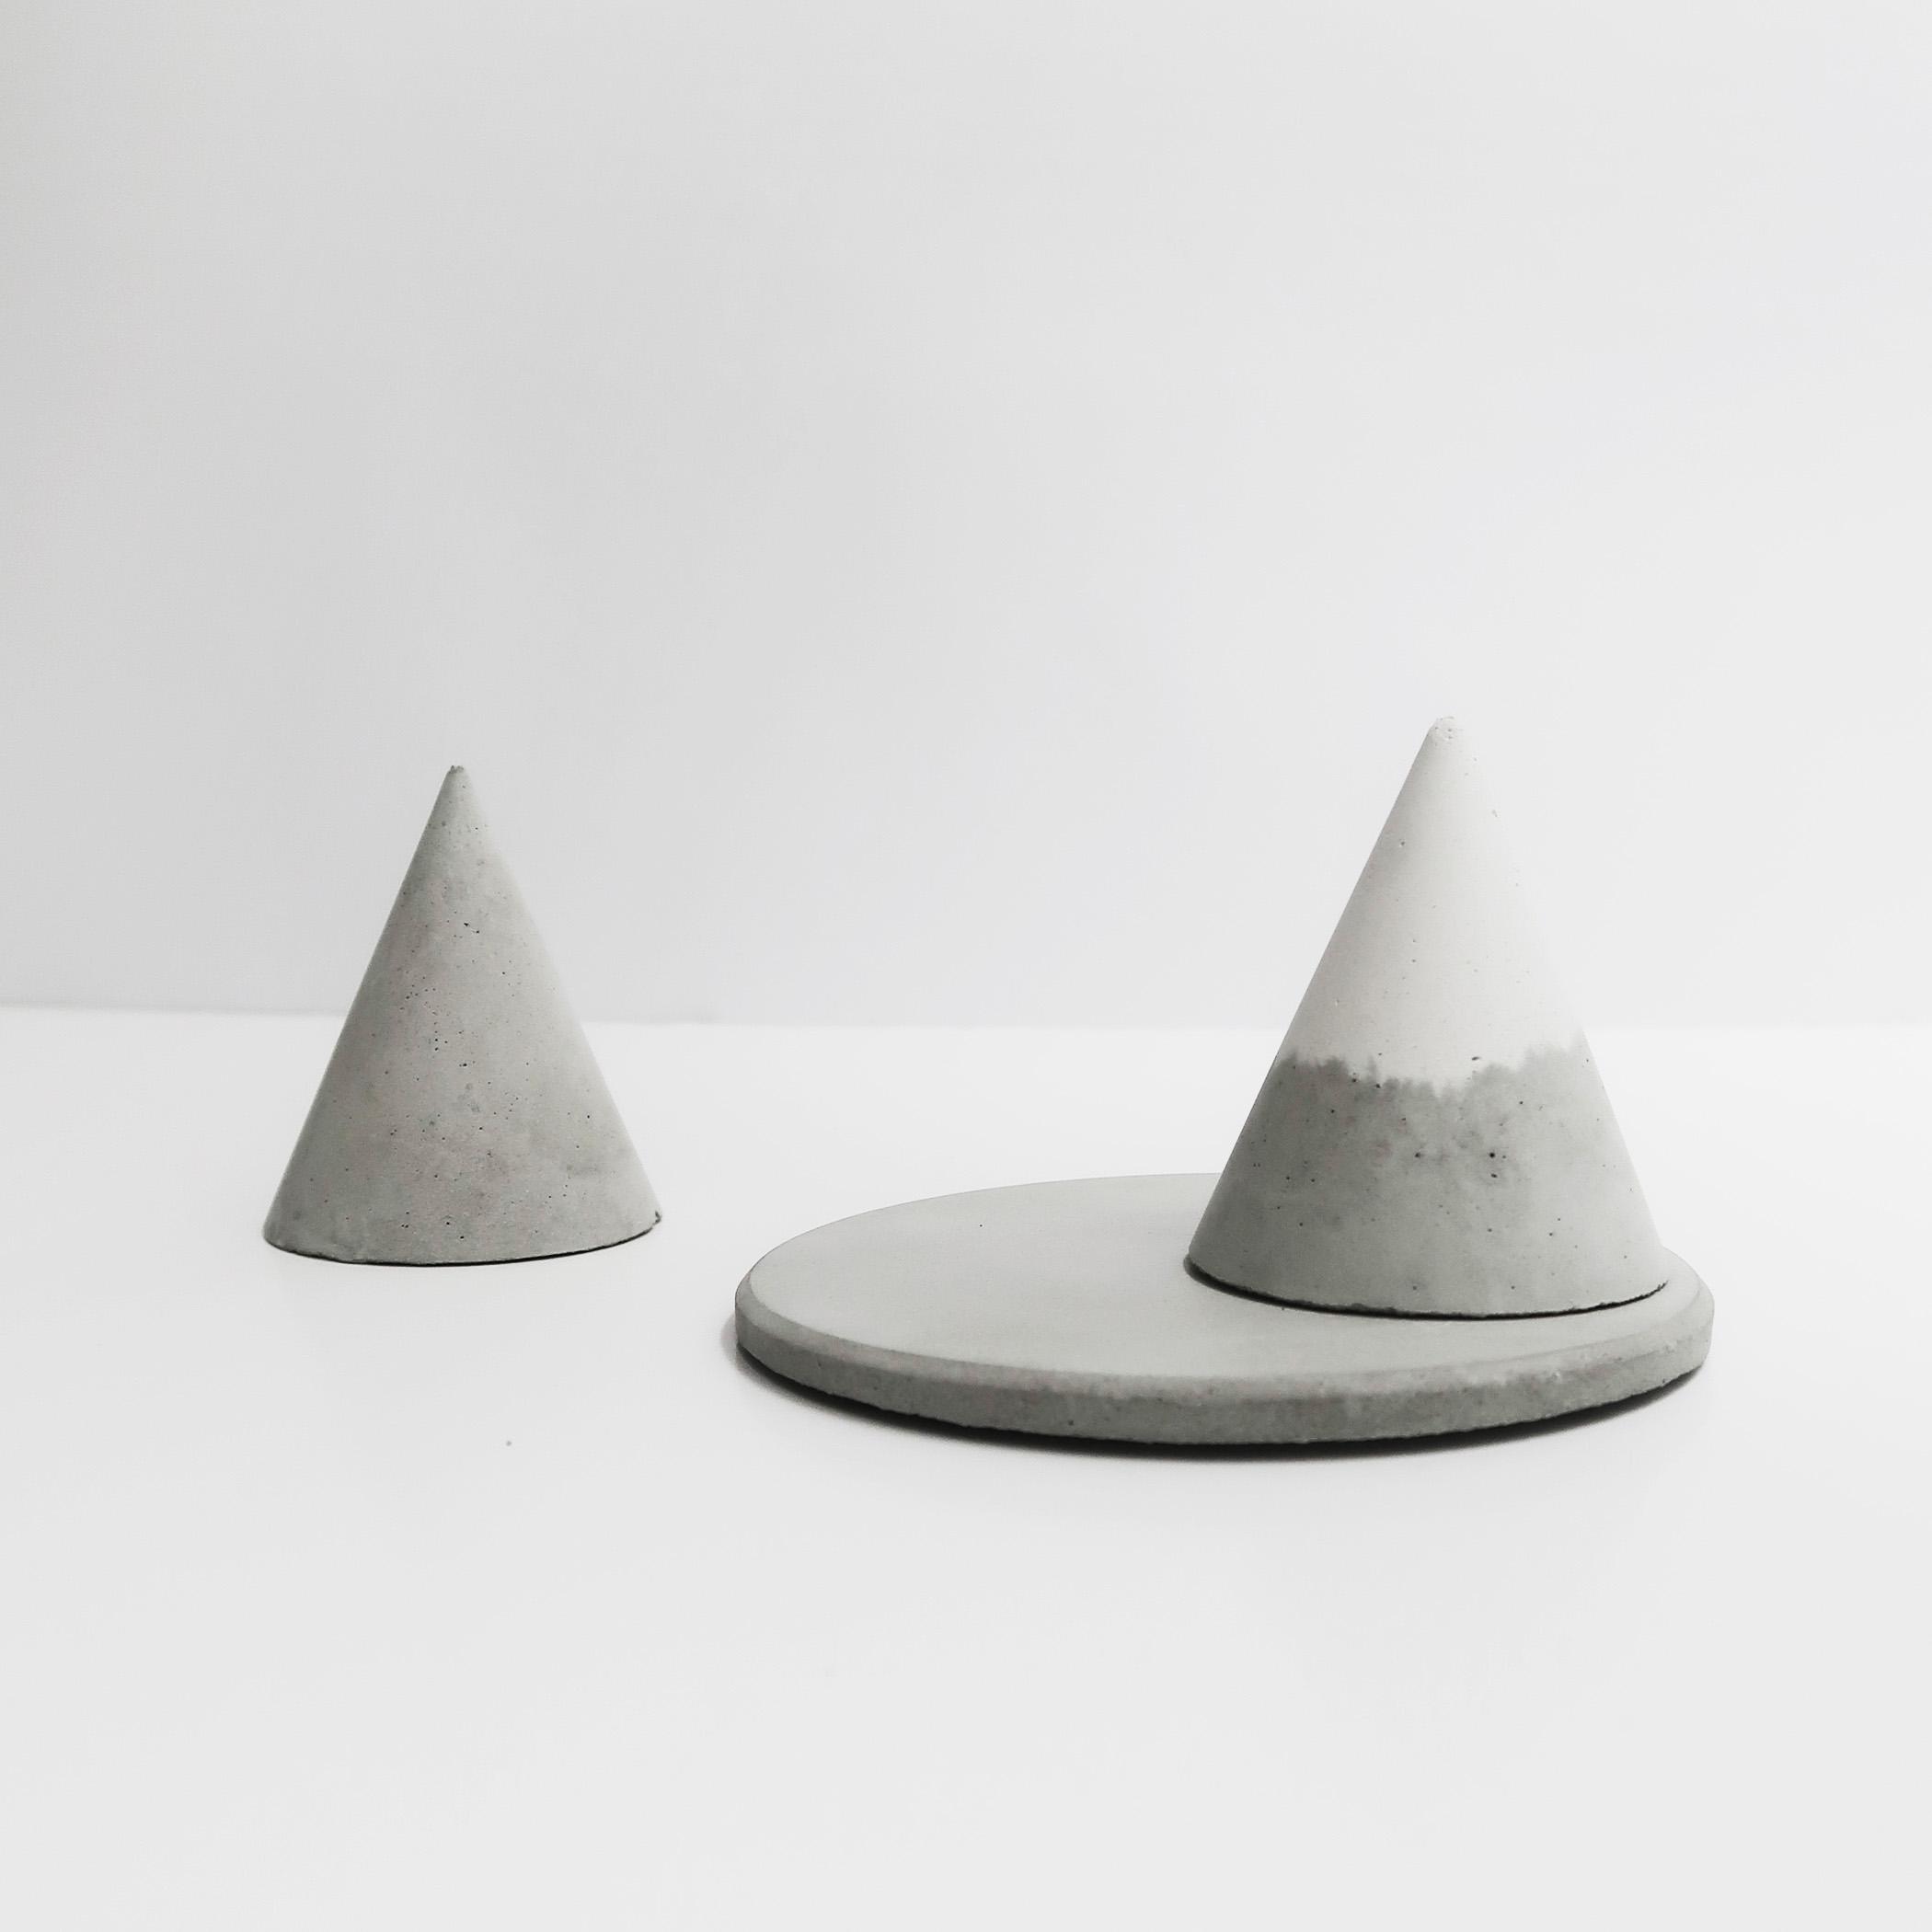 SNOWPACK 小山雪錐形水泥戒指座+飾品盤收納組